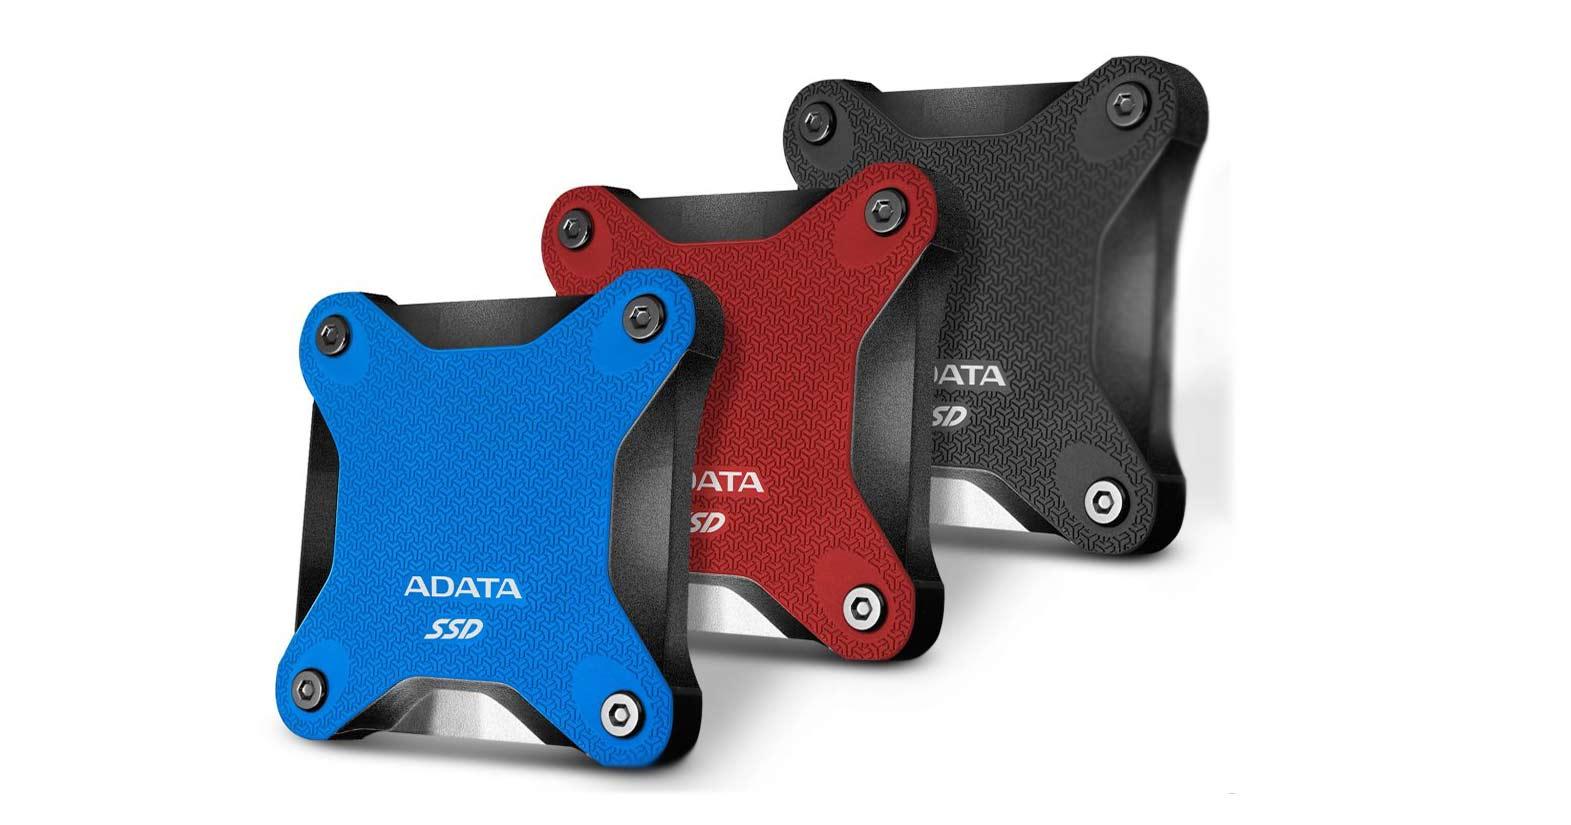 ADATAの小型ゲーミングポータブルSSDのSD600Qが日本でのみ突然発売中止